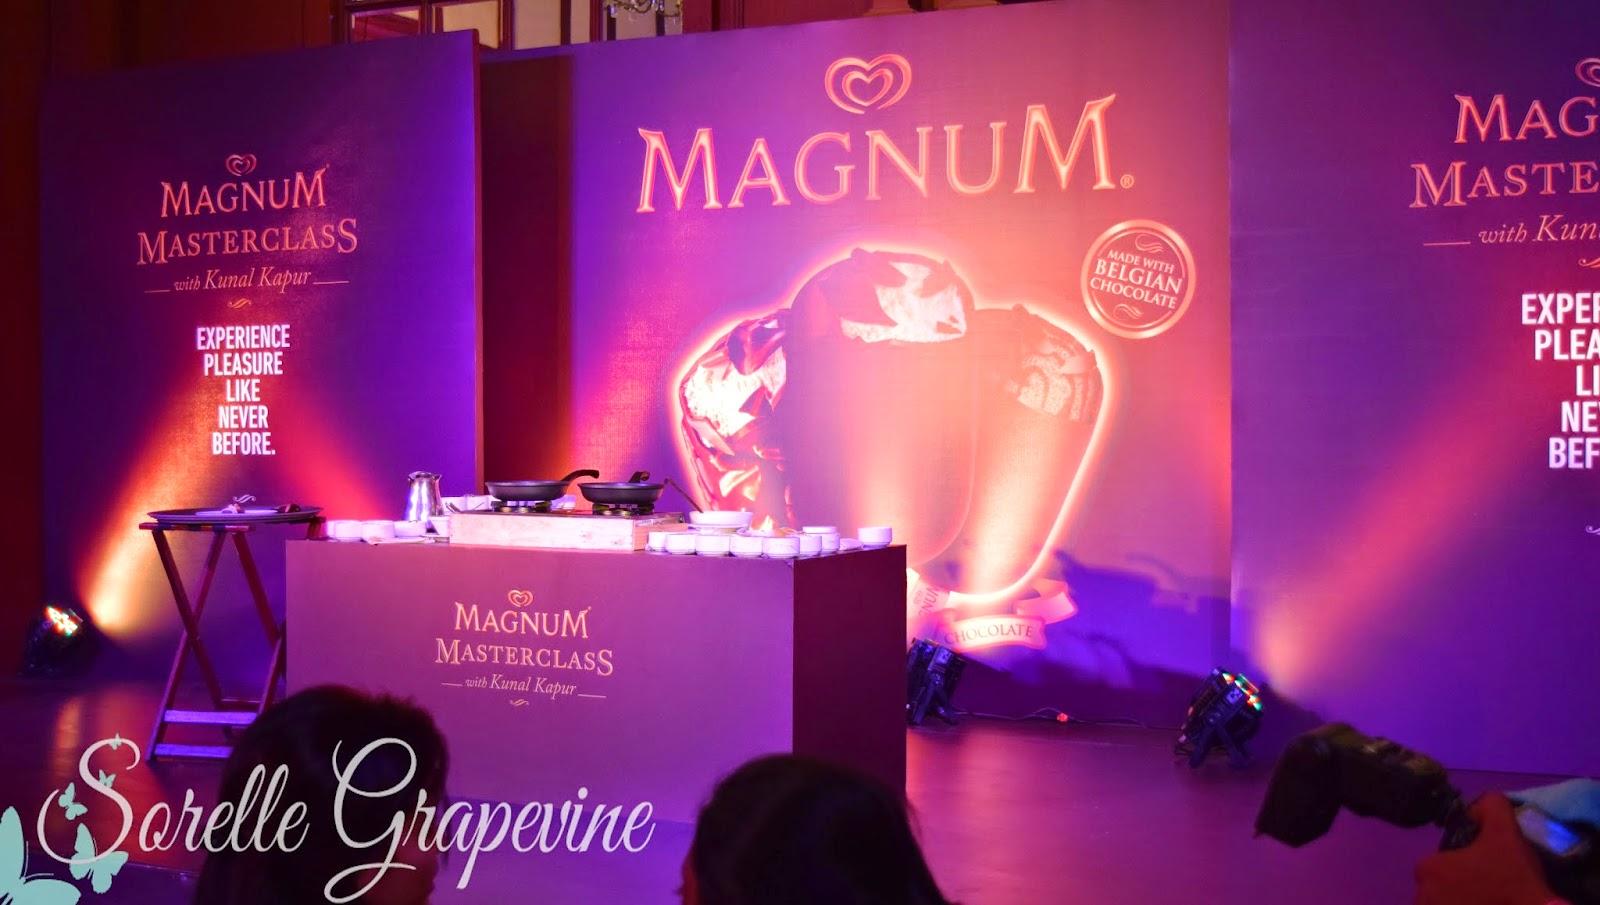 Magnum icecream